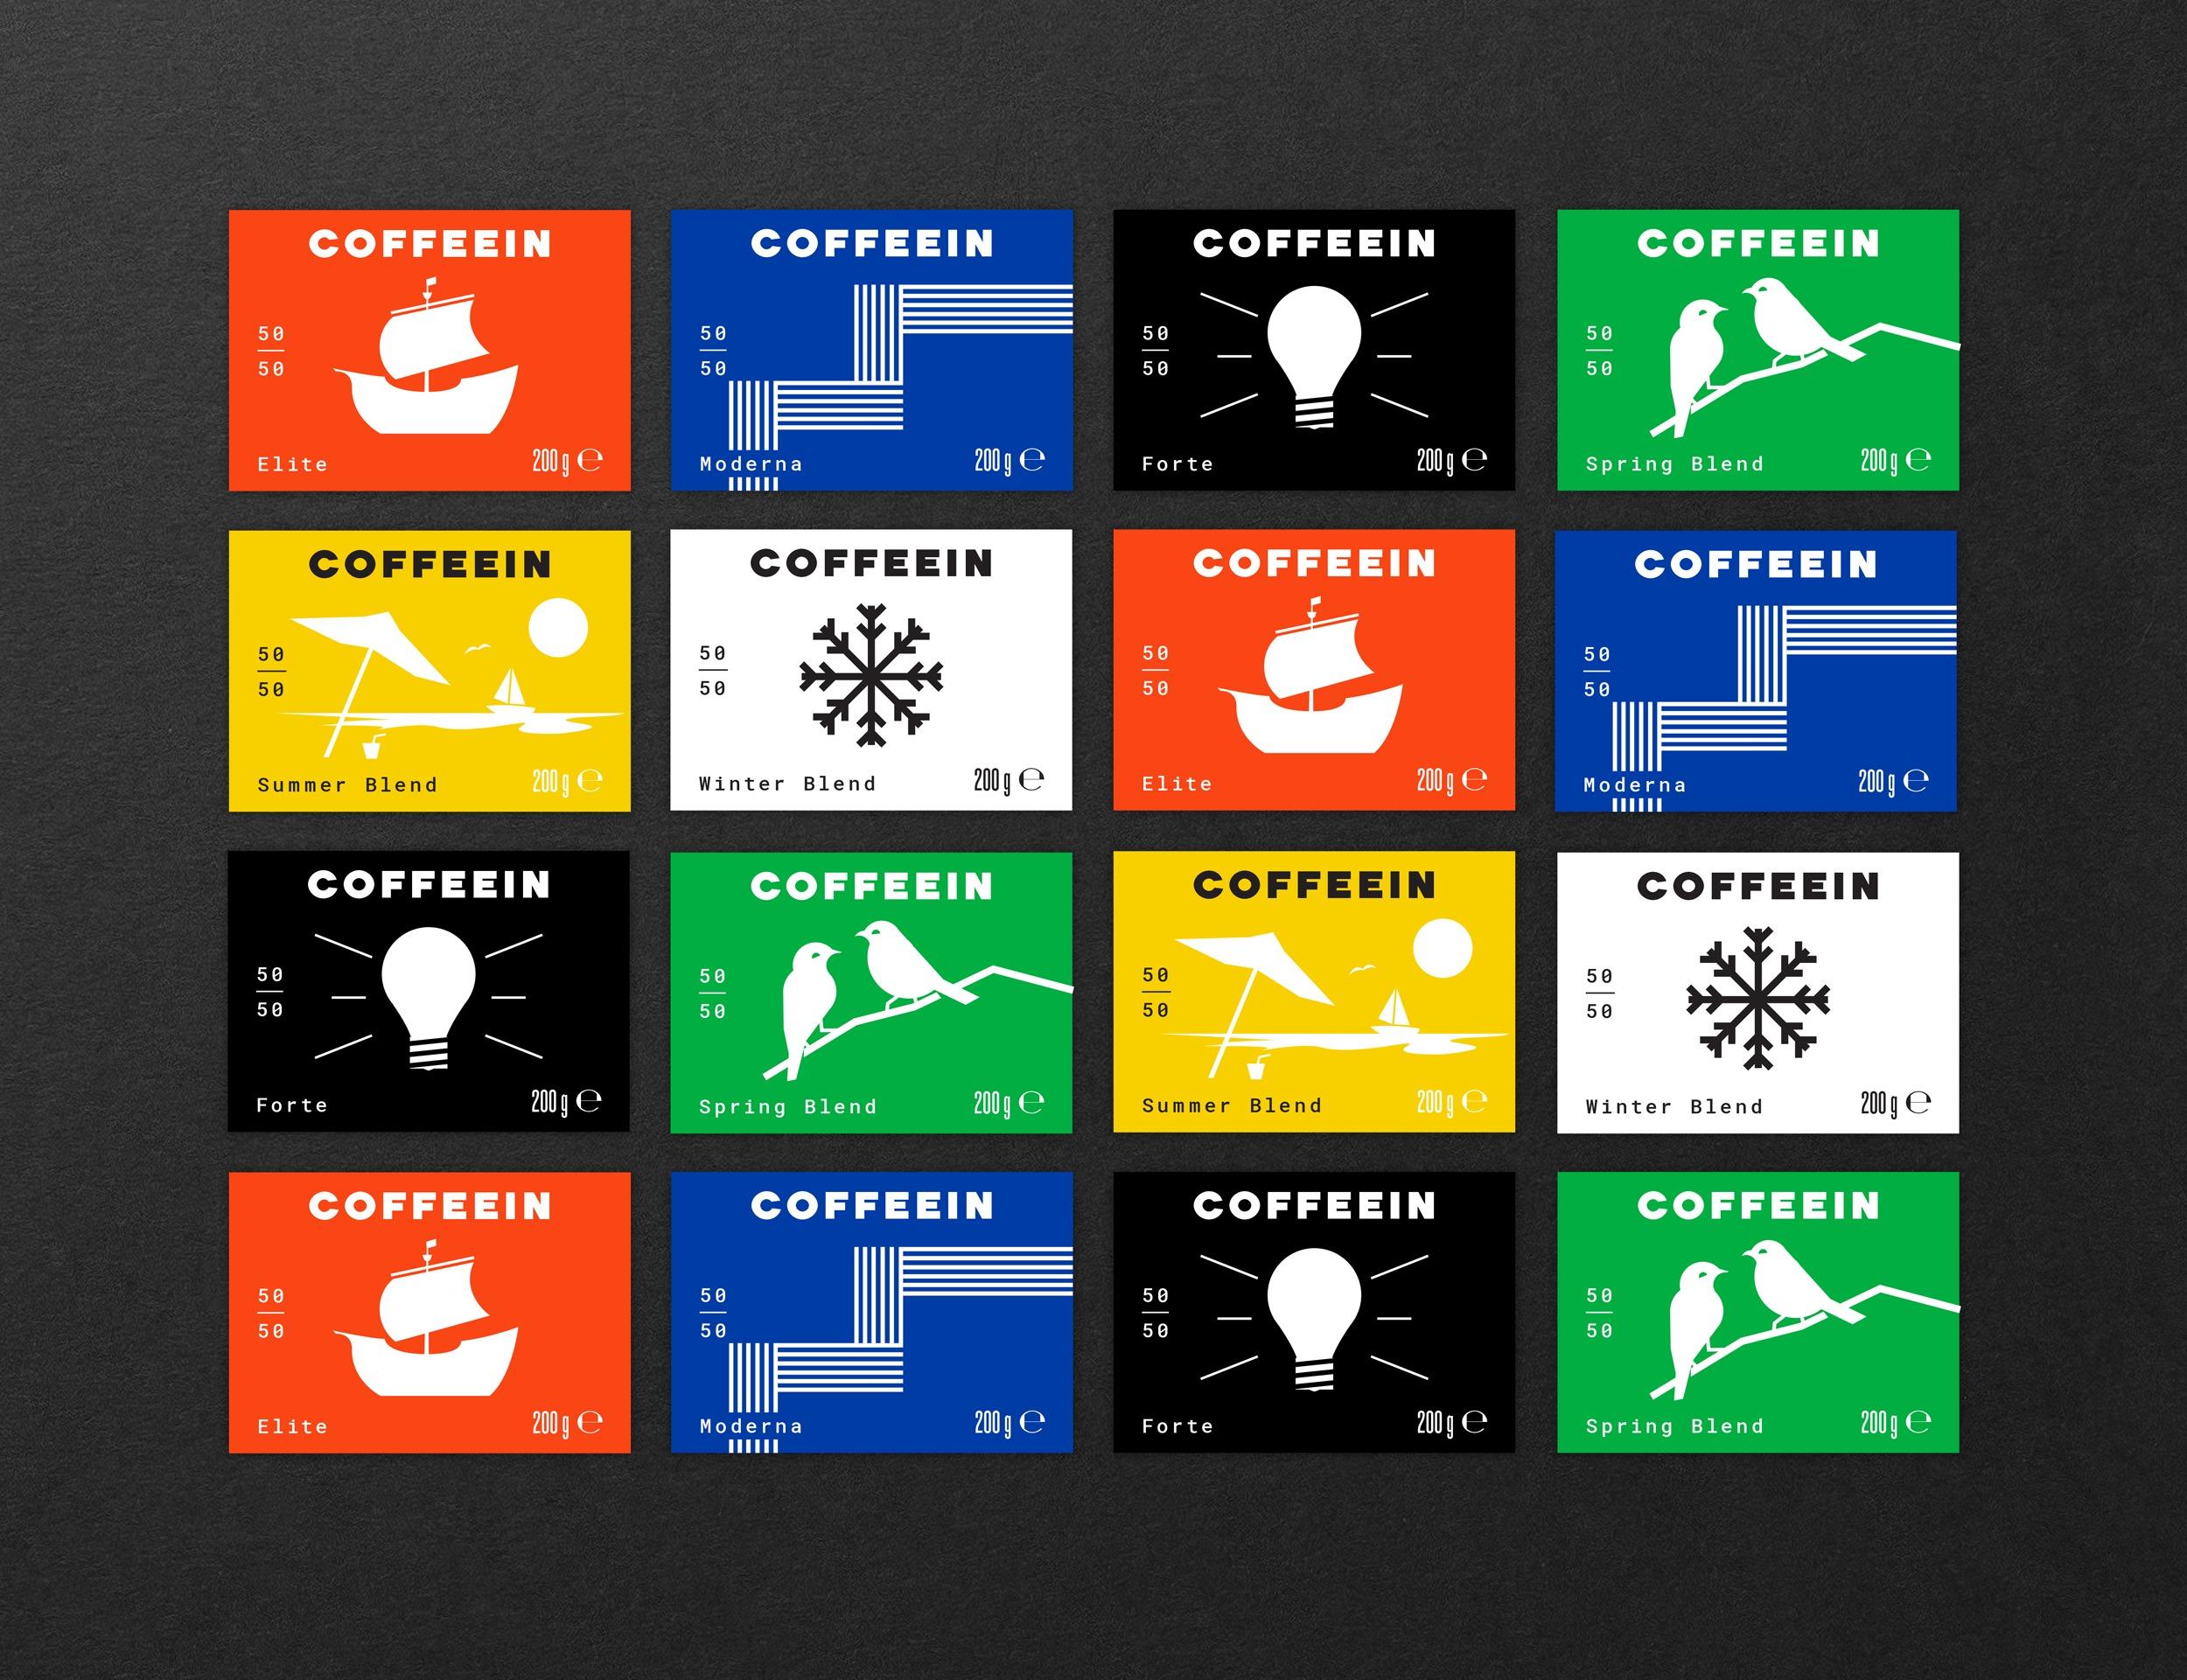 COFFEEIN_1_3